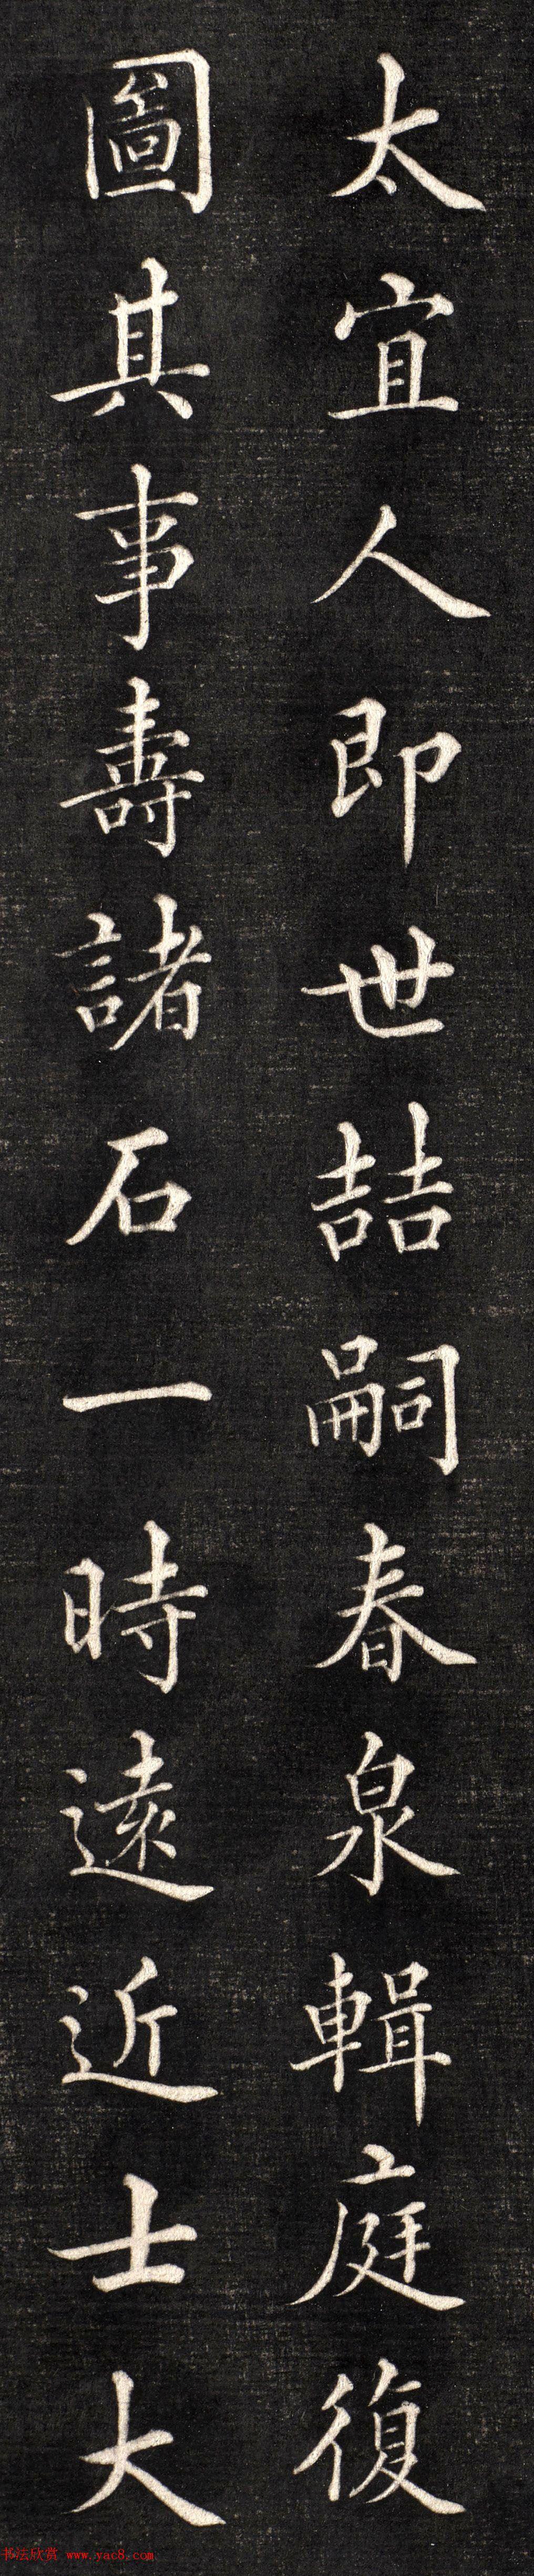 知县蒋超曾小楷《拜观谨跋节孝事实图》